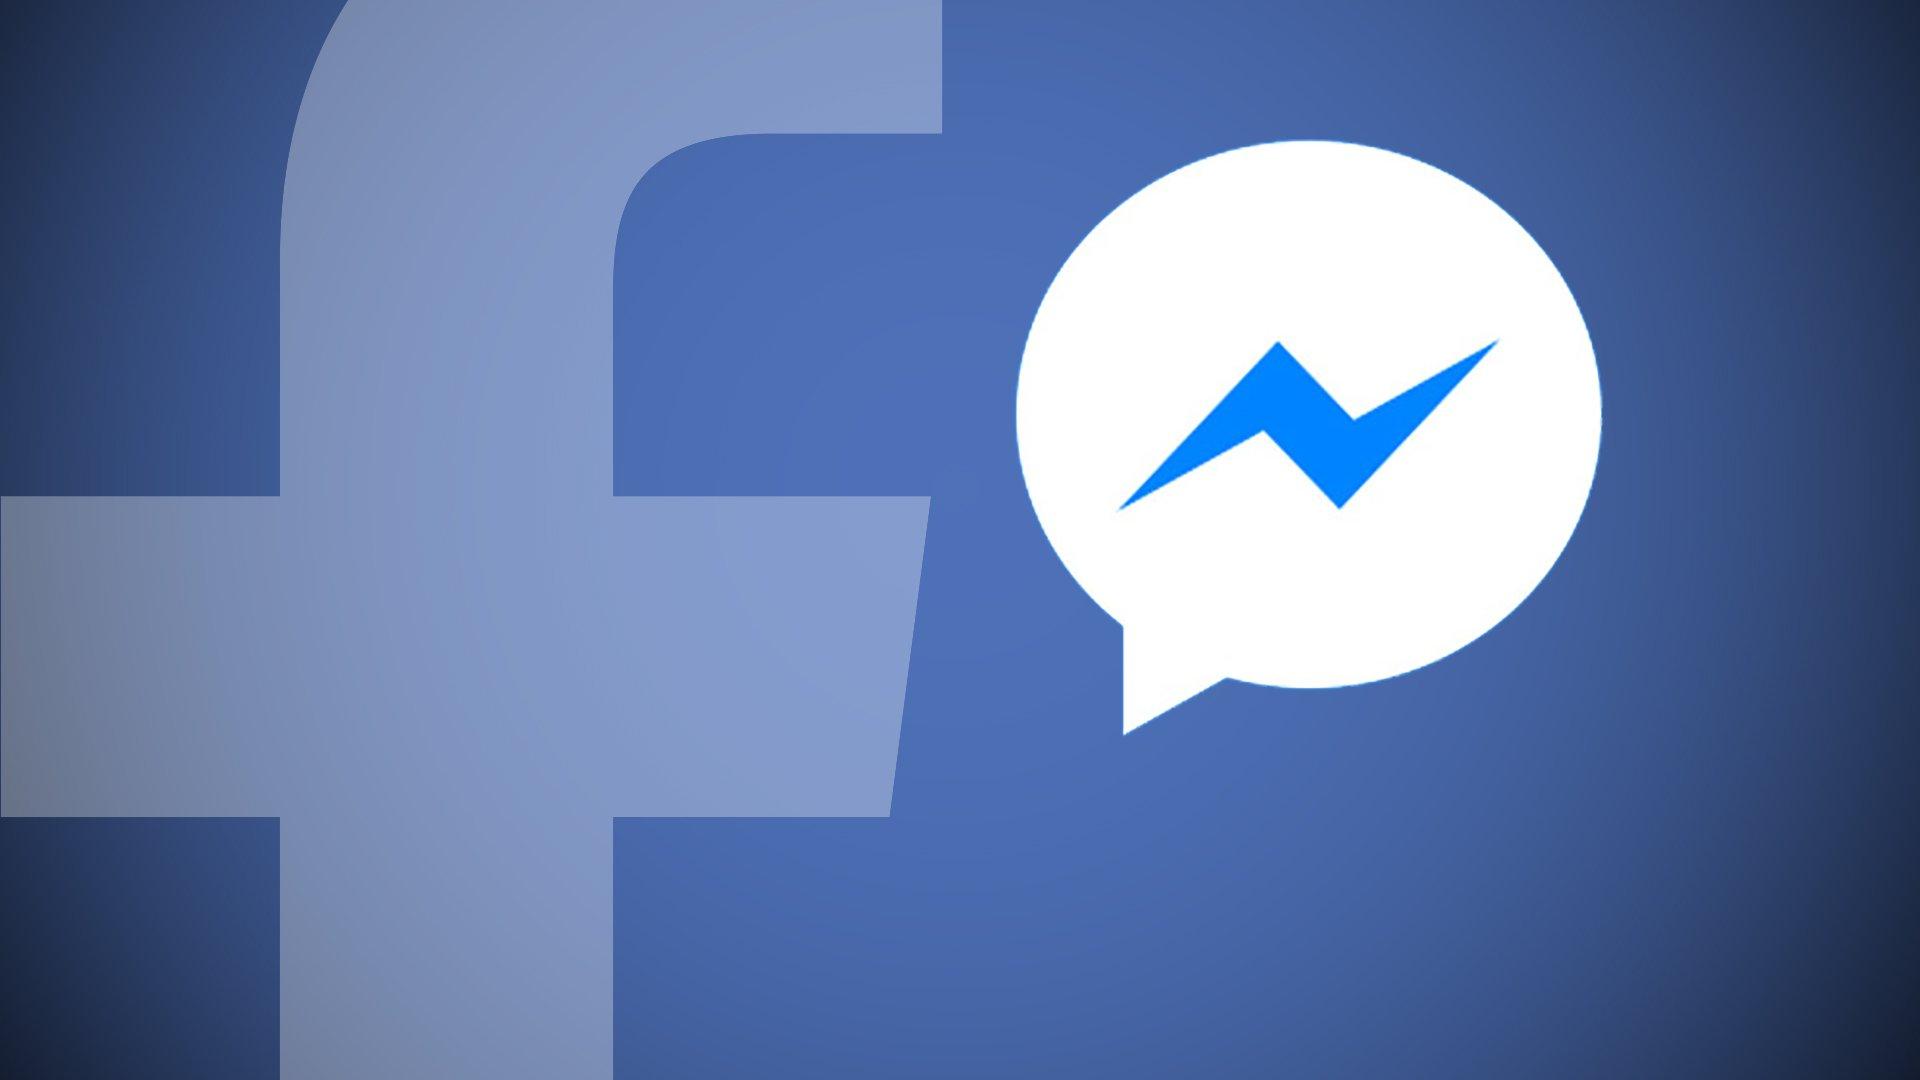 Юзеры  говорили о  сбое вмессенджере фейсбук